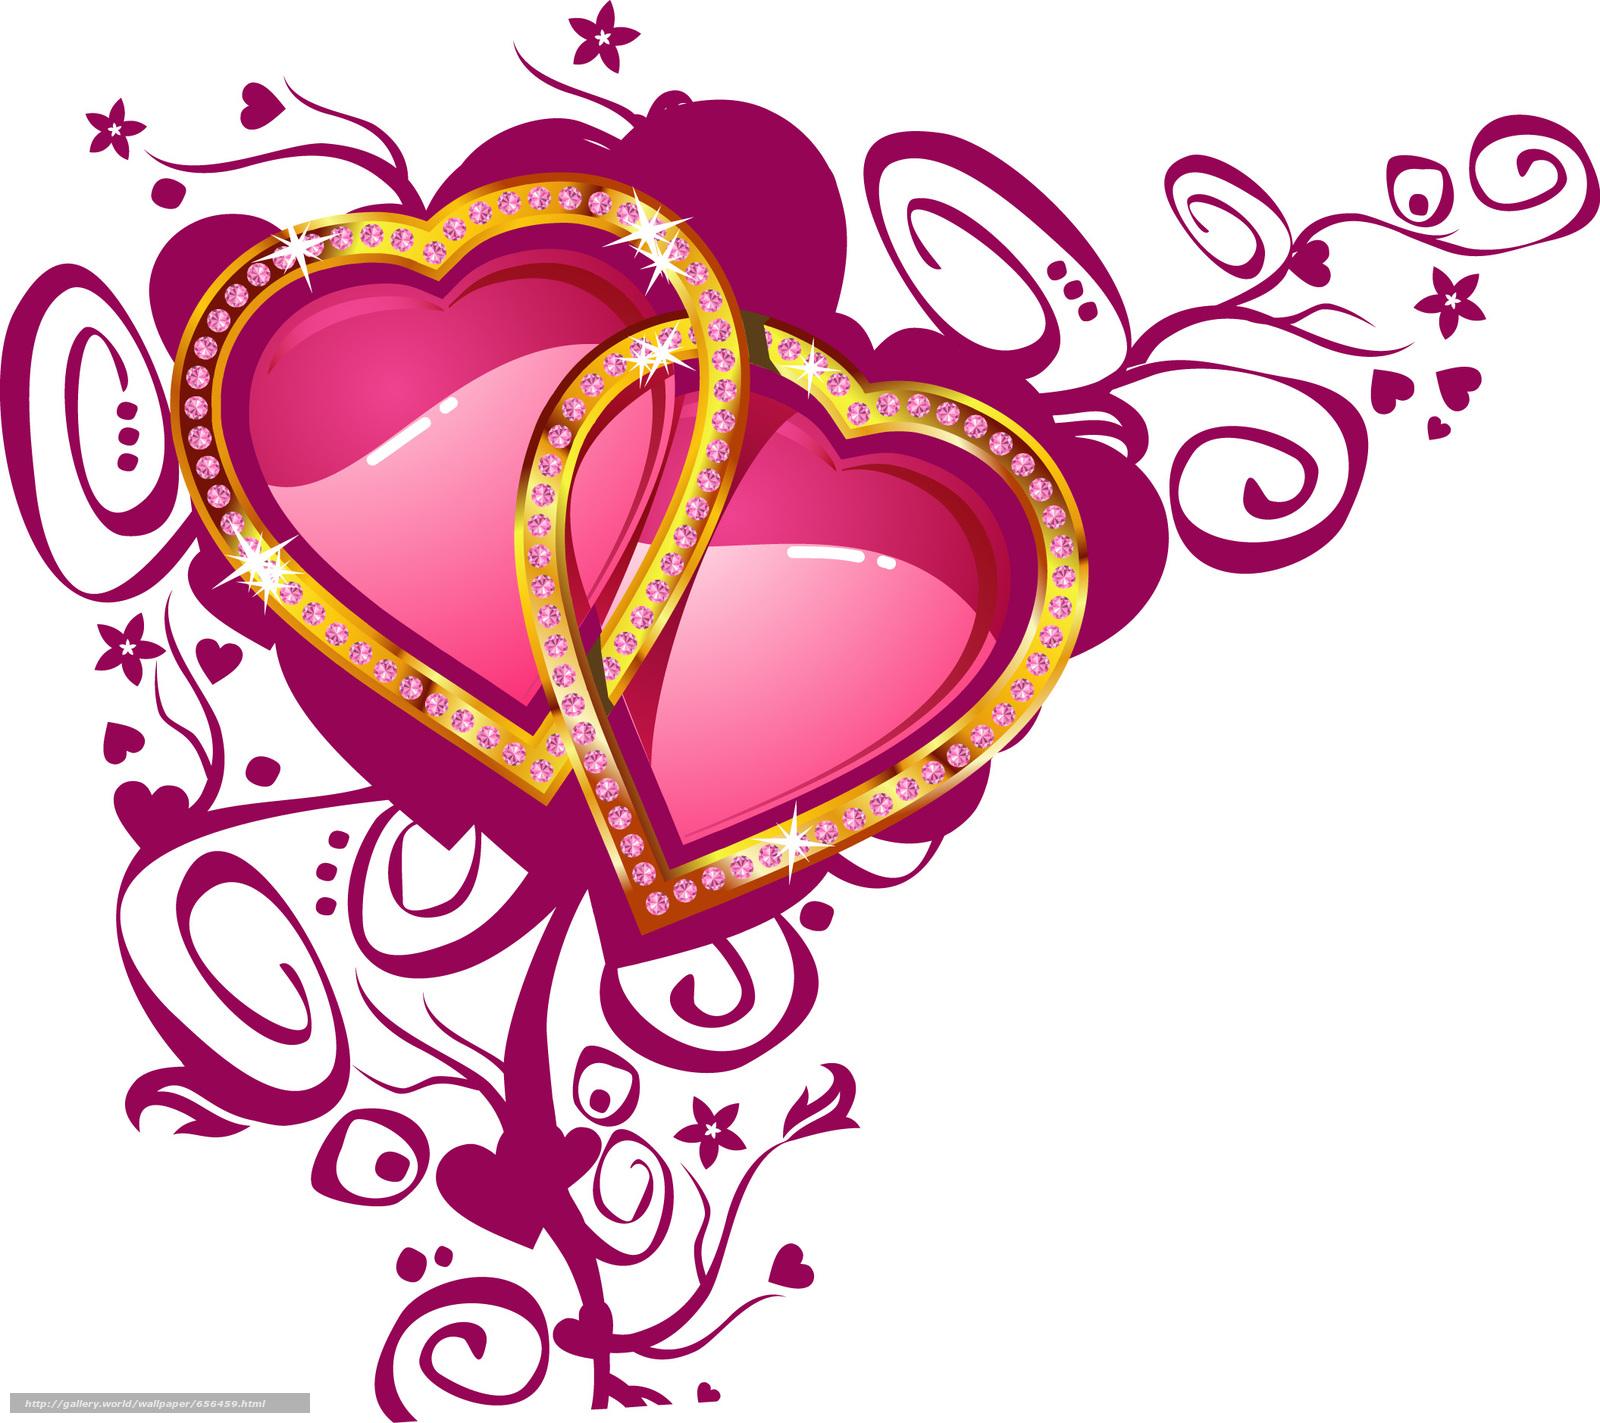 Сердечки для свадебной открытки